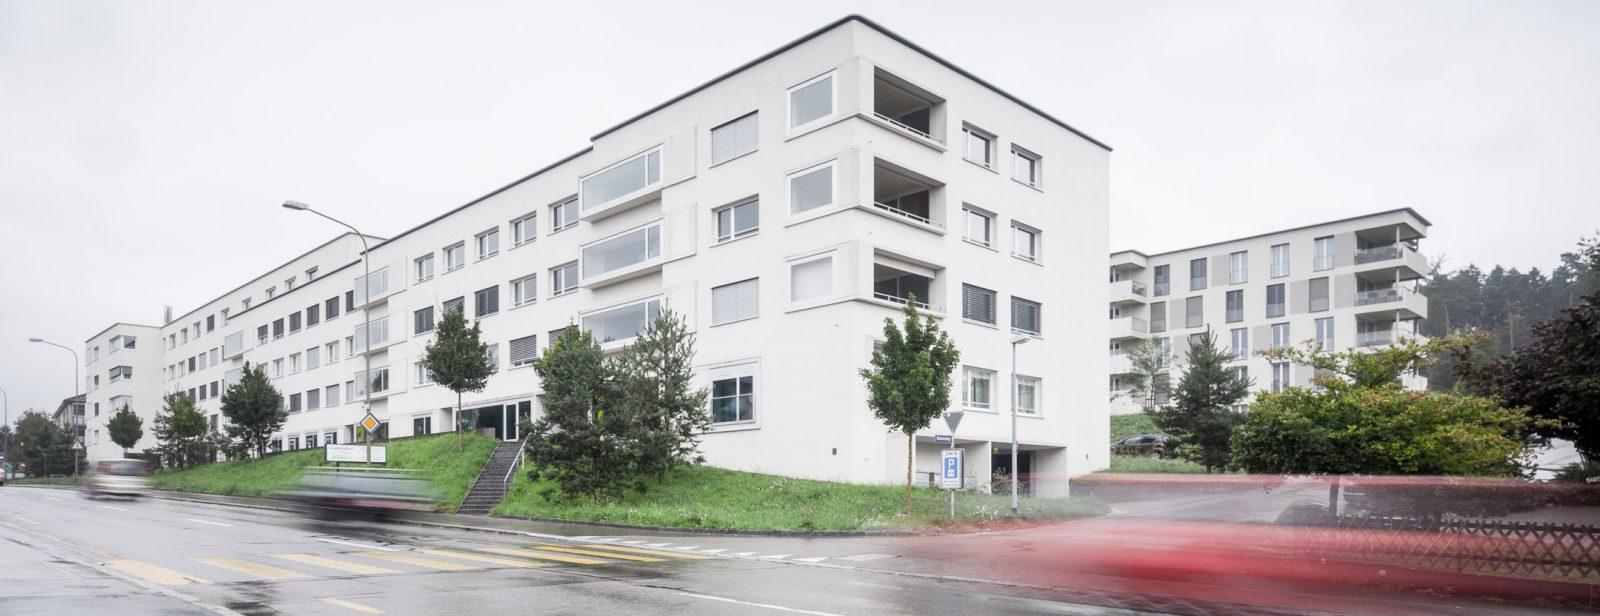 Siedlung Bramenring, Etappe A, Kloten